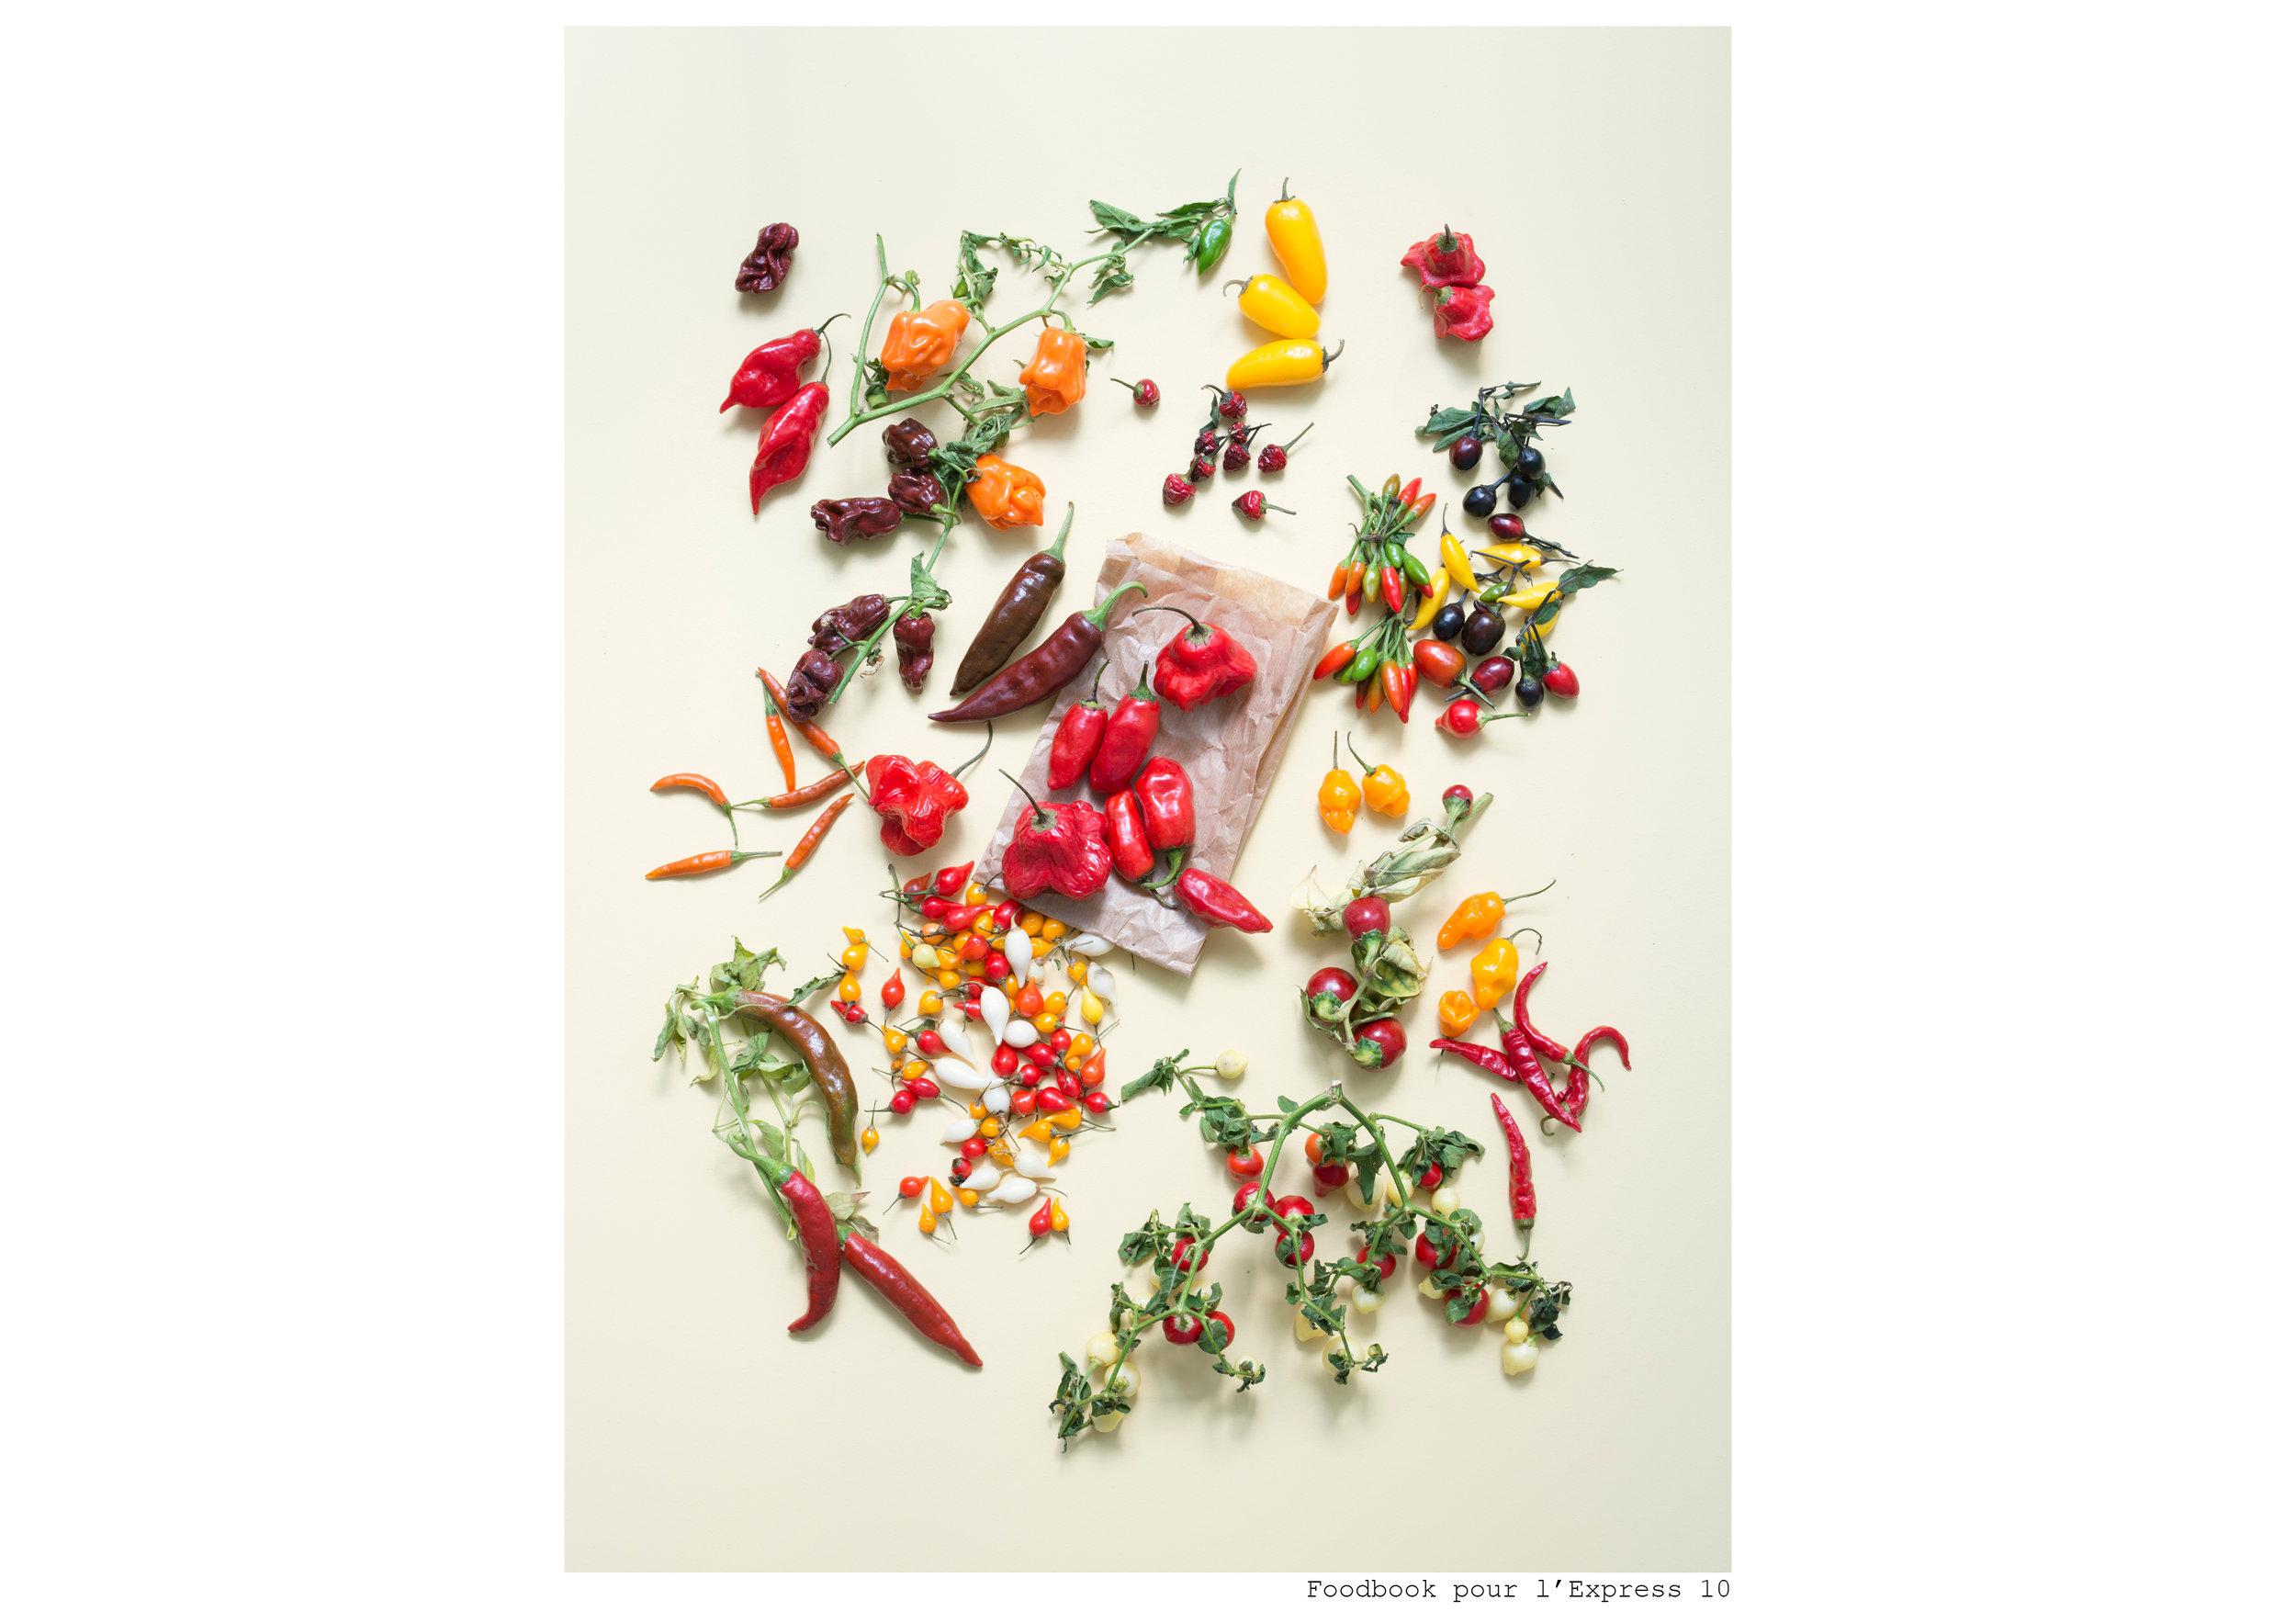 Foodbook express 10 PIments.jpg